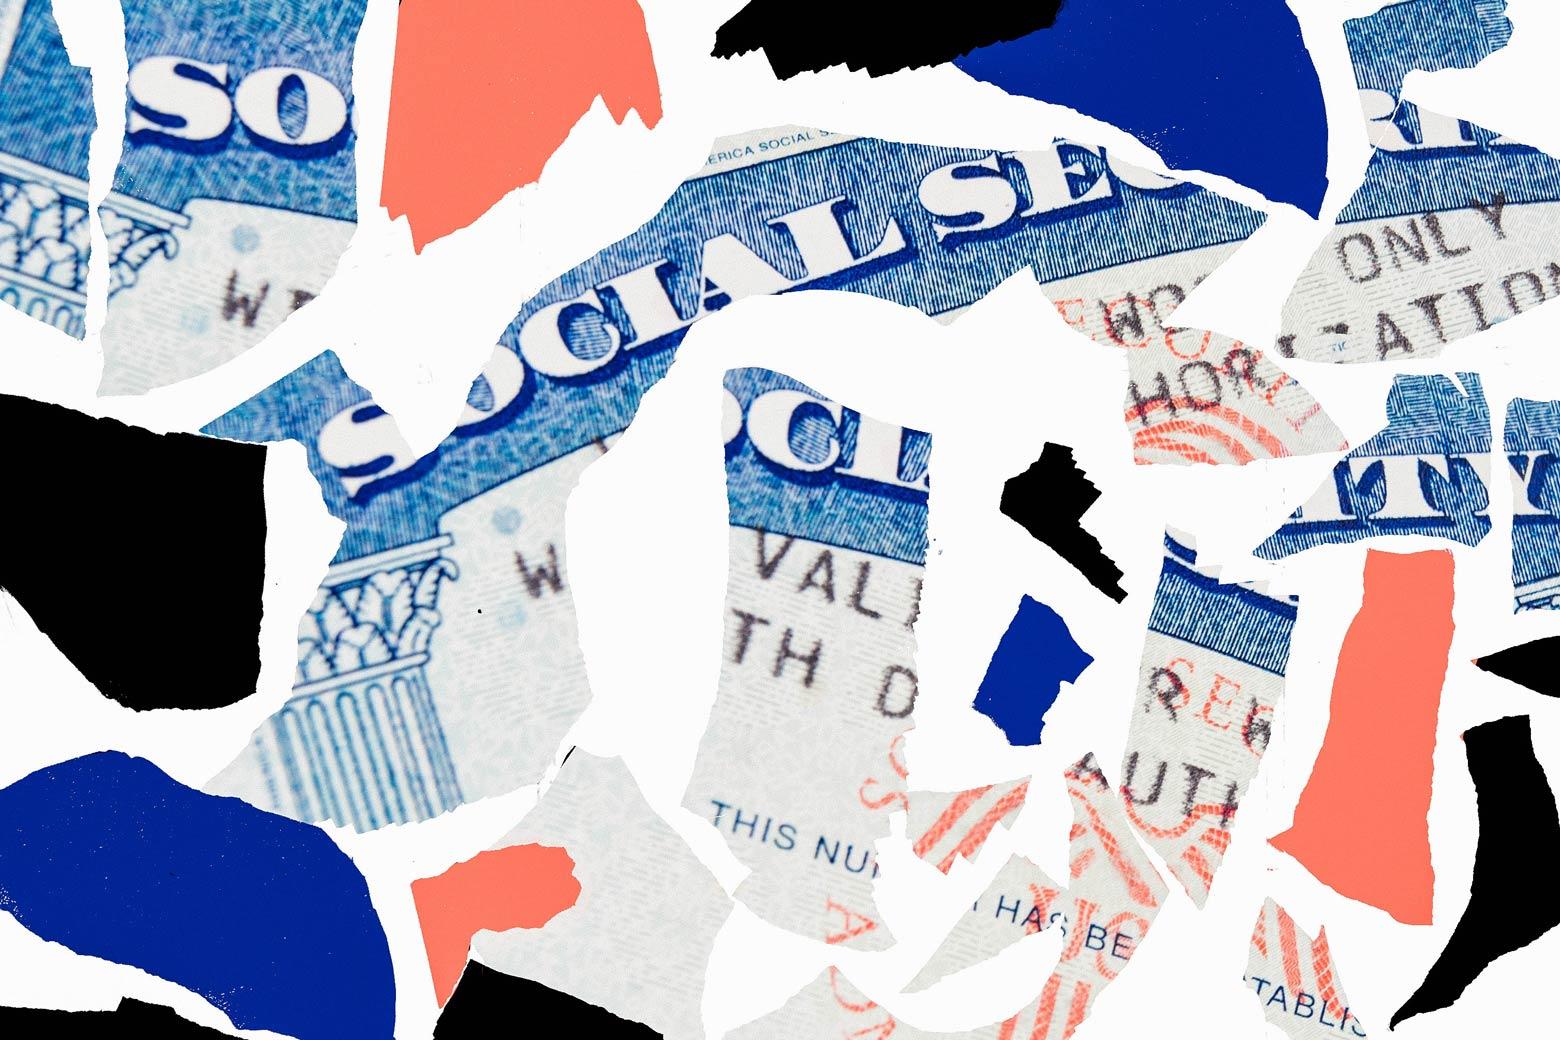 Torn-up Social Security card.